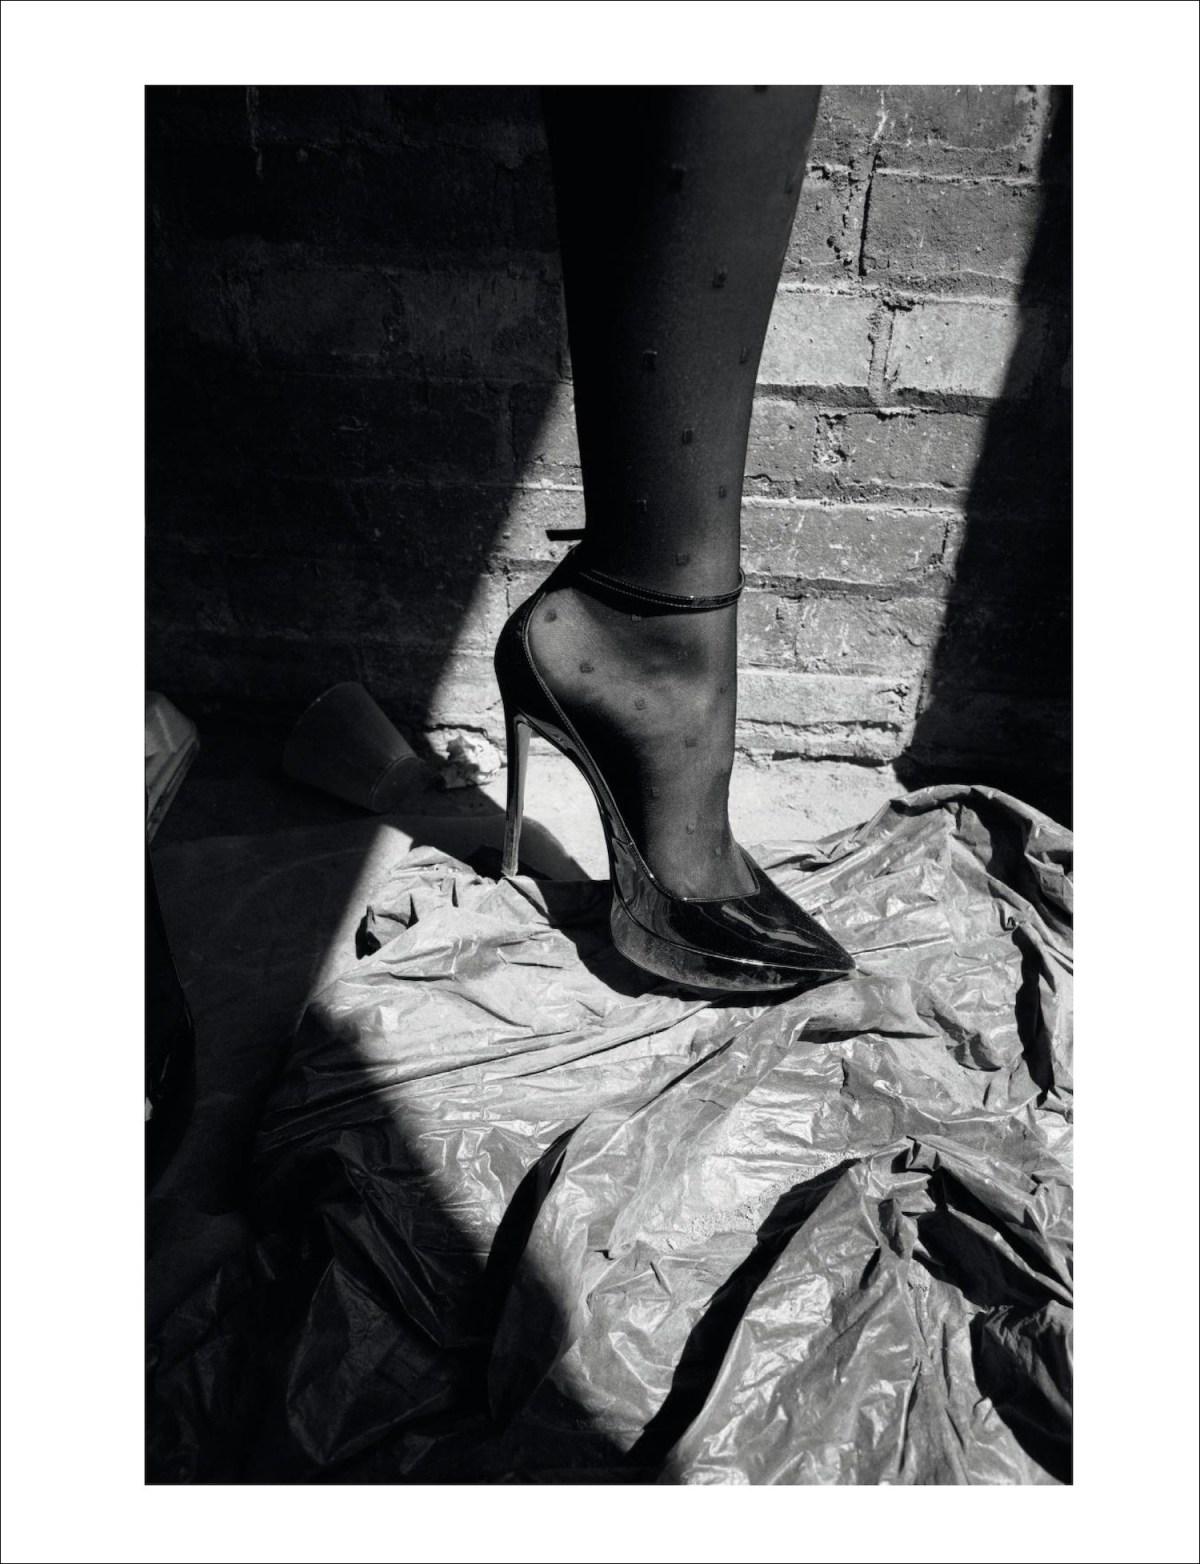 Alexandra Agoston by Cameron McCool for Numéro